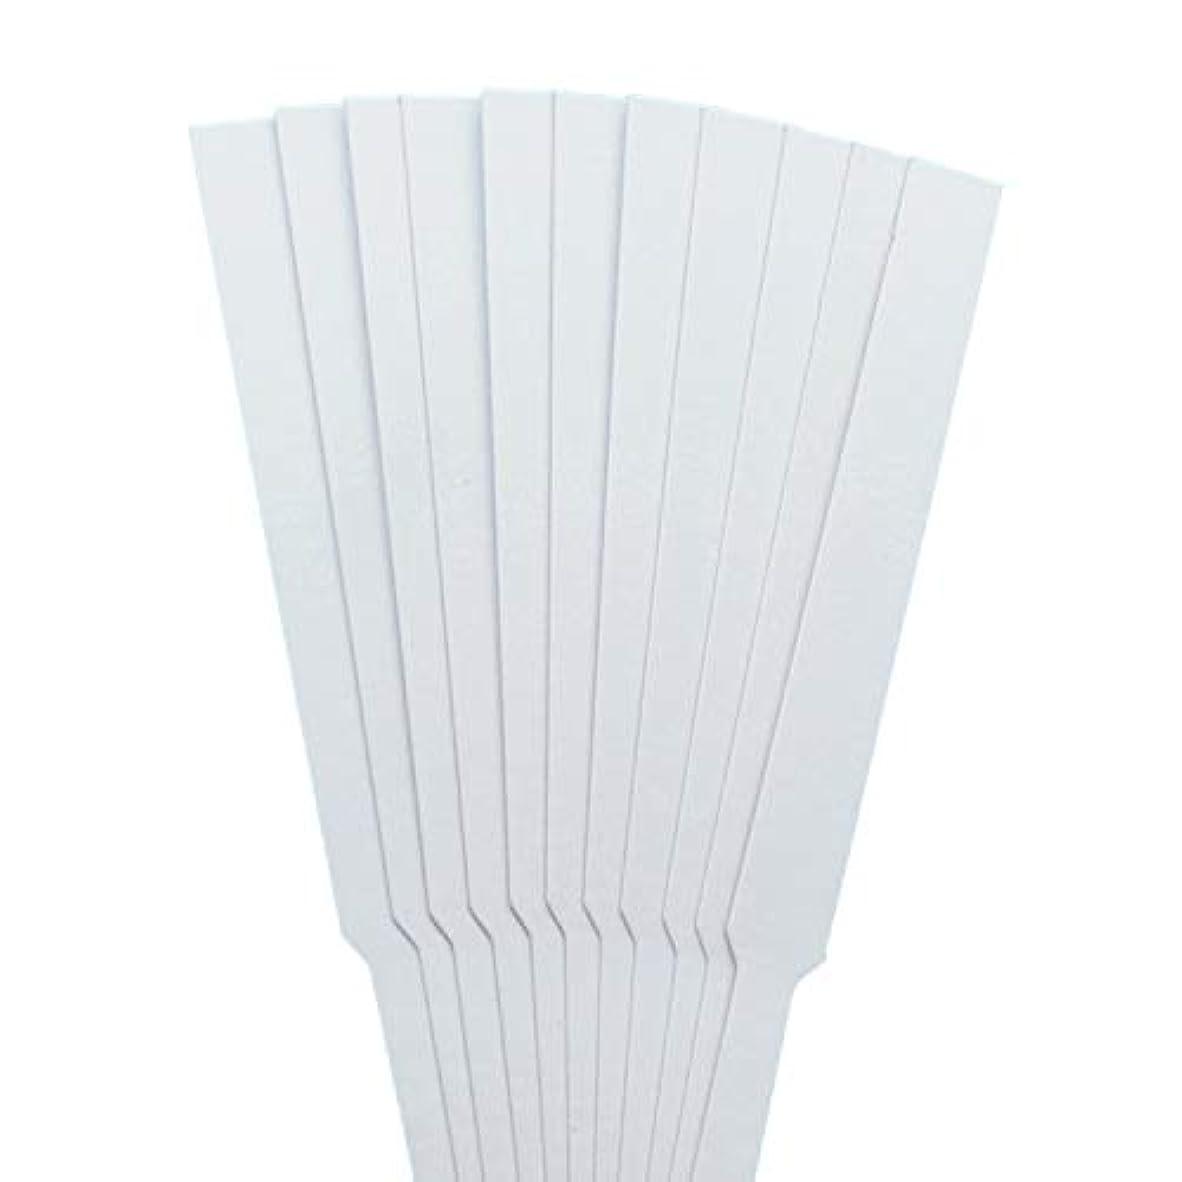 物理学者最大化する砂のストリップテスト migavann テストストリップ 香りのアロマセラピーエッセンシャルオイルをテストするための100個の130×12ミリメートルの香水試験紙ストリップ